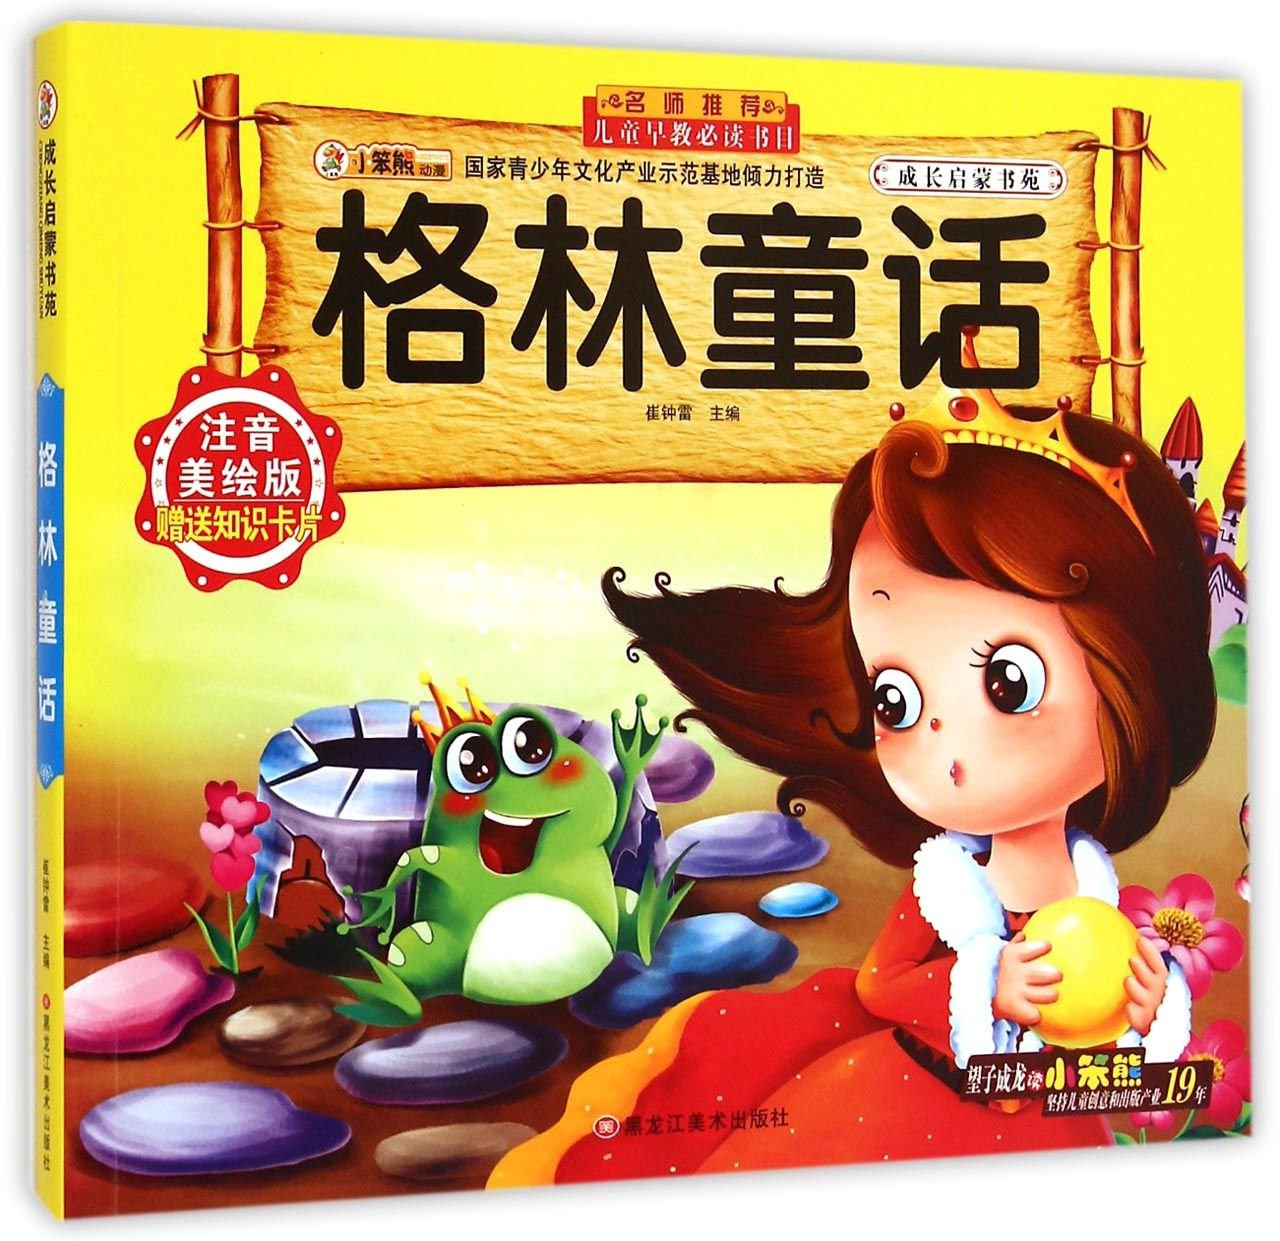 Сказки братьев Гримм на китайском языке